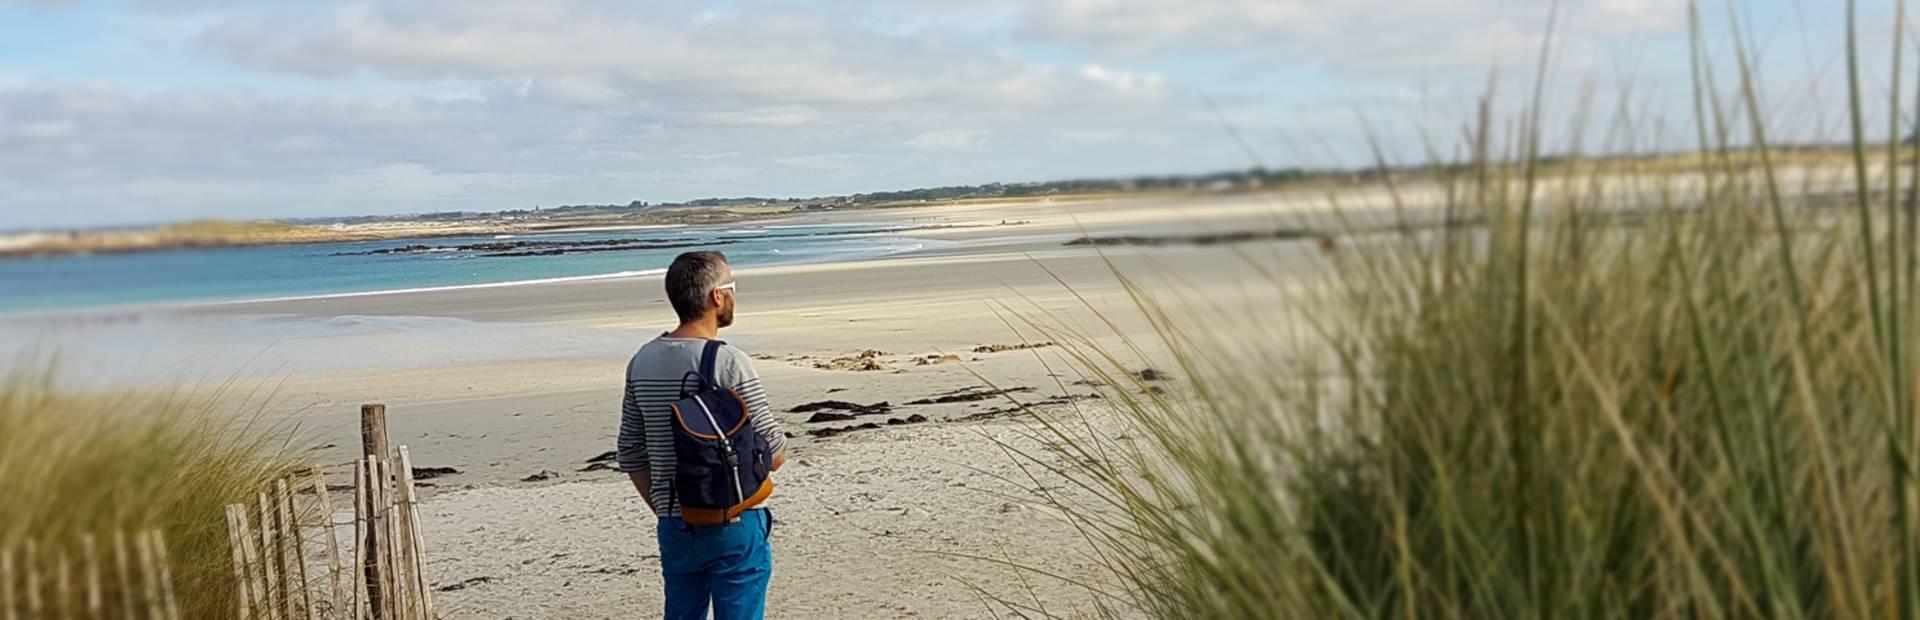 randonnée au bord des côtes bigoudènes © E Cleret.jpg